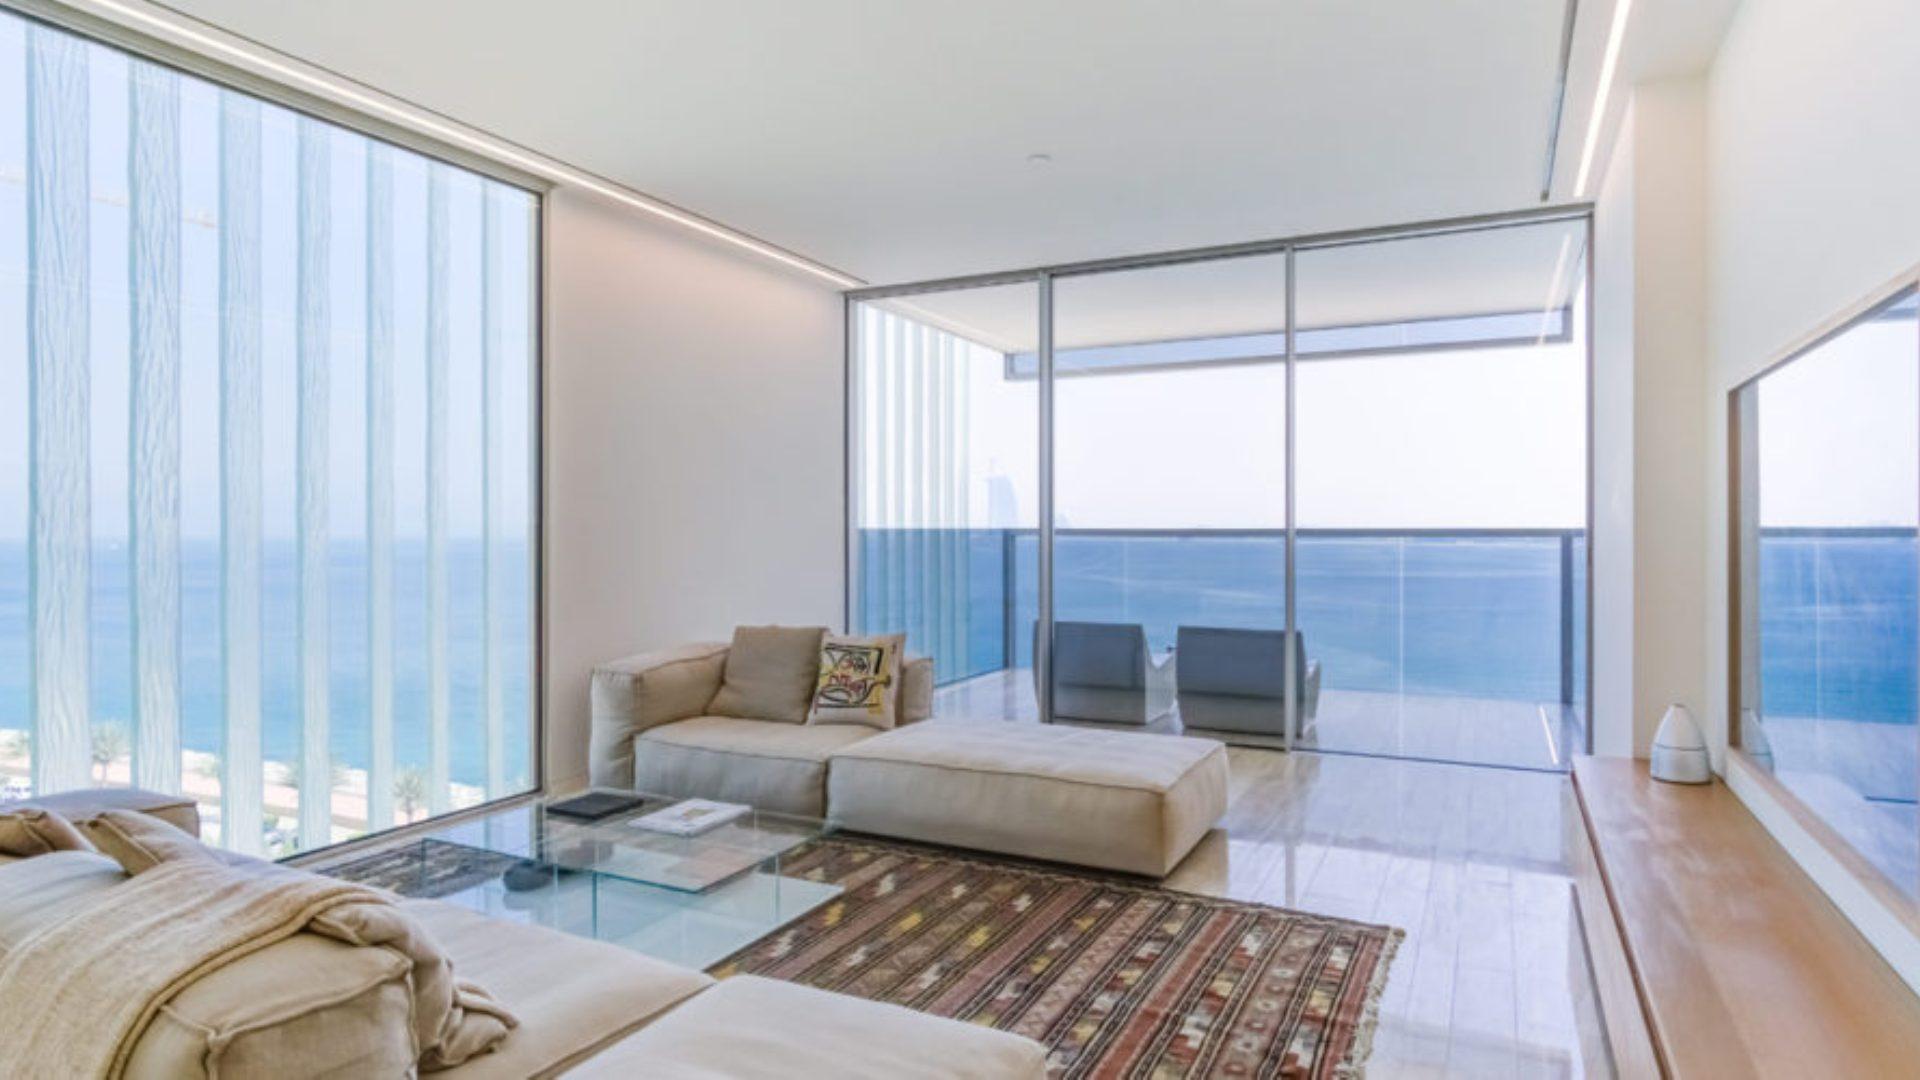 Apartamento en venta en Dubai, EAU, 4 dormitorios, 445 m2, № 24476 – foto 5